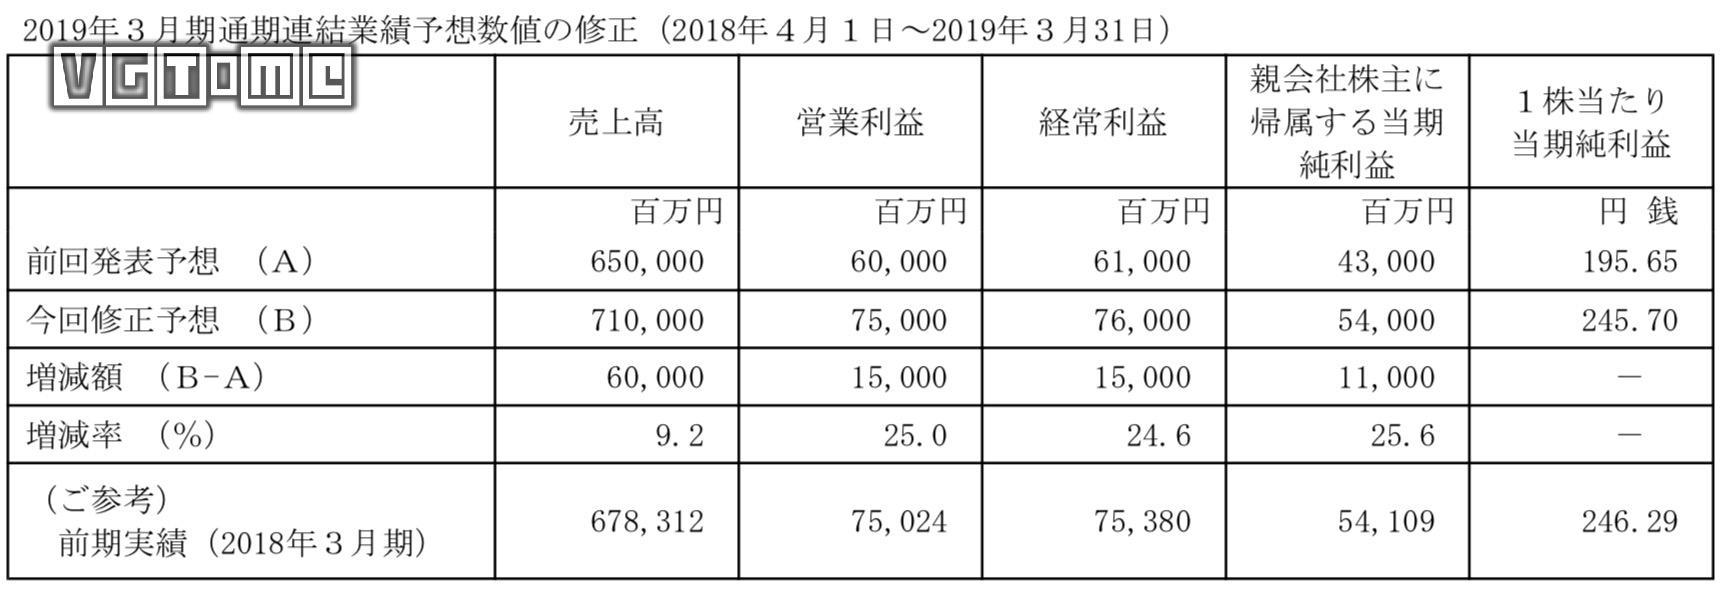 万代南梦宫2019财年Q3财报营业利润同比增长30.7%